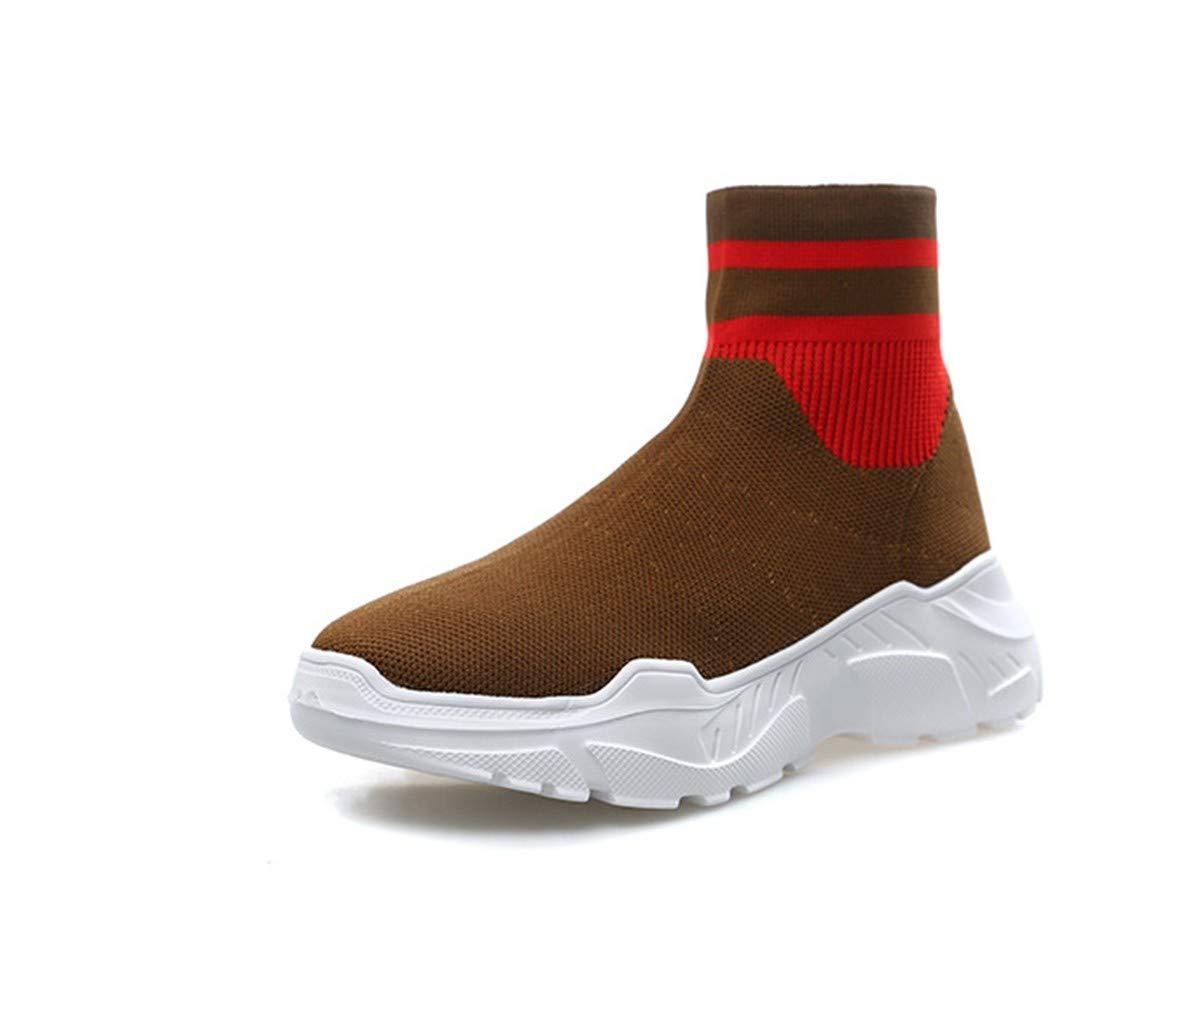 CXIGUA Sneaker Clunky Chaussettes Chaussures Femme Marron Forte pour Aider À Voler Respirant Élastique Tissée Marron Femme Chaussures Occasionnels Femmechon TélévisionB07HK9FD9QParent 8e2f04